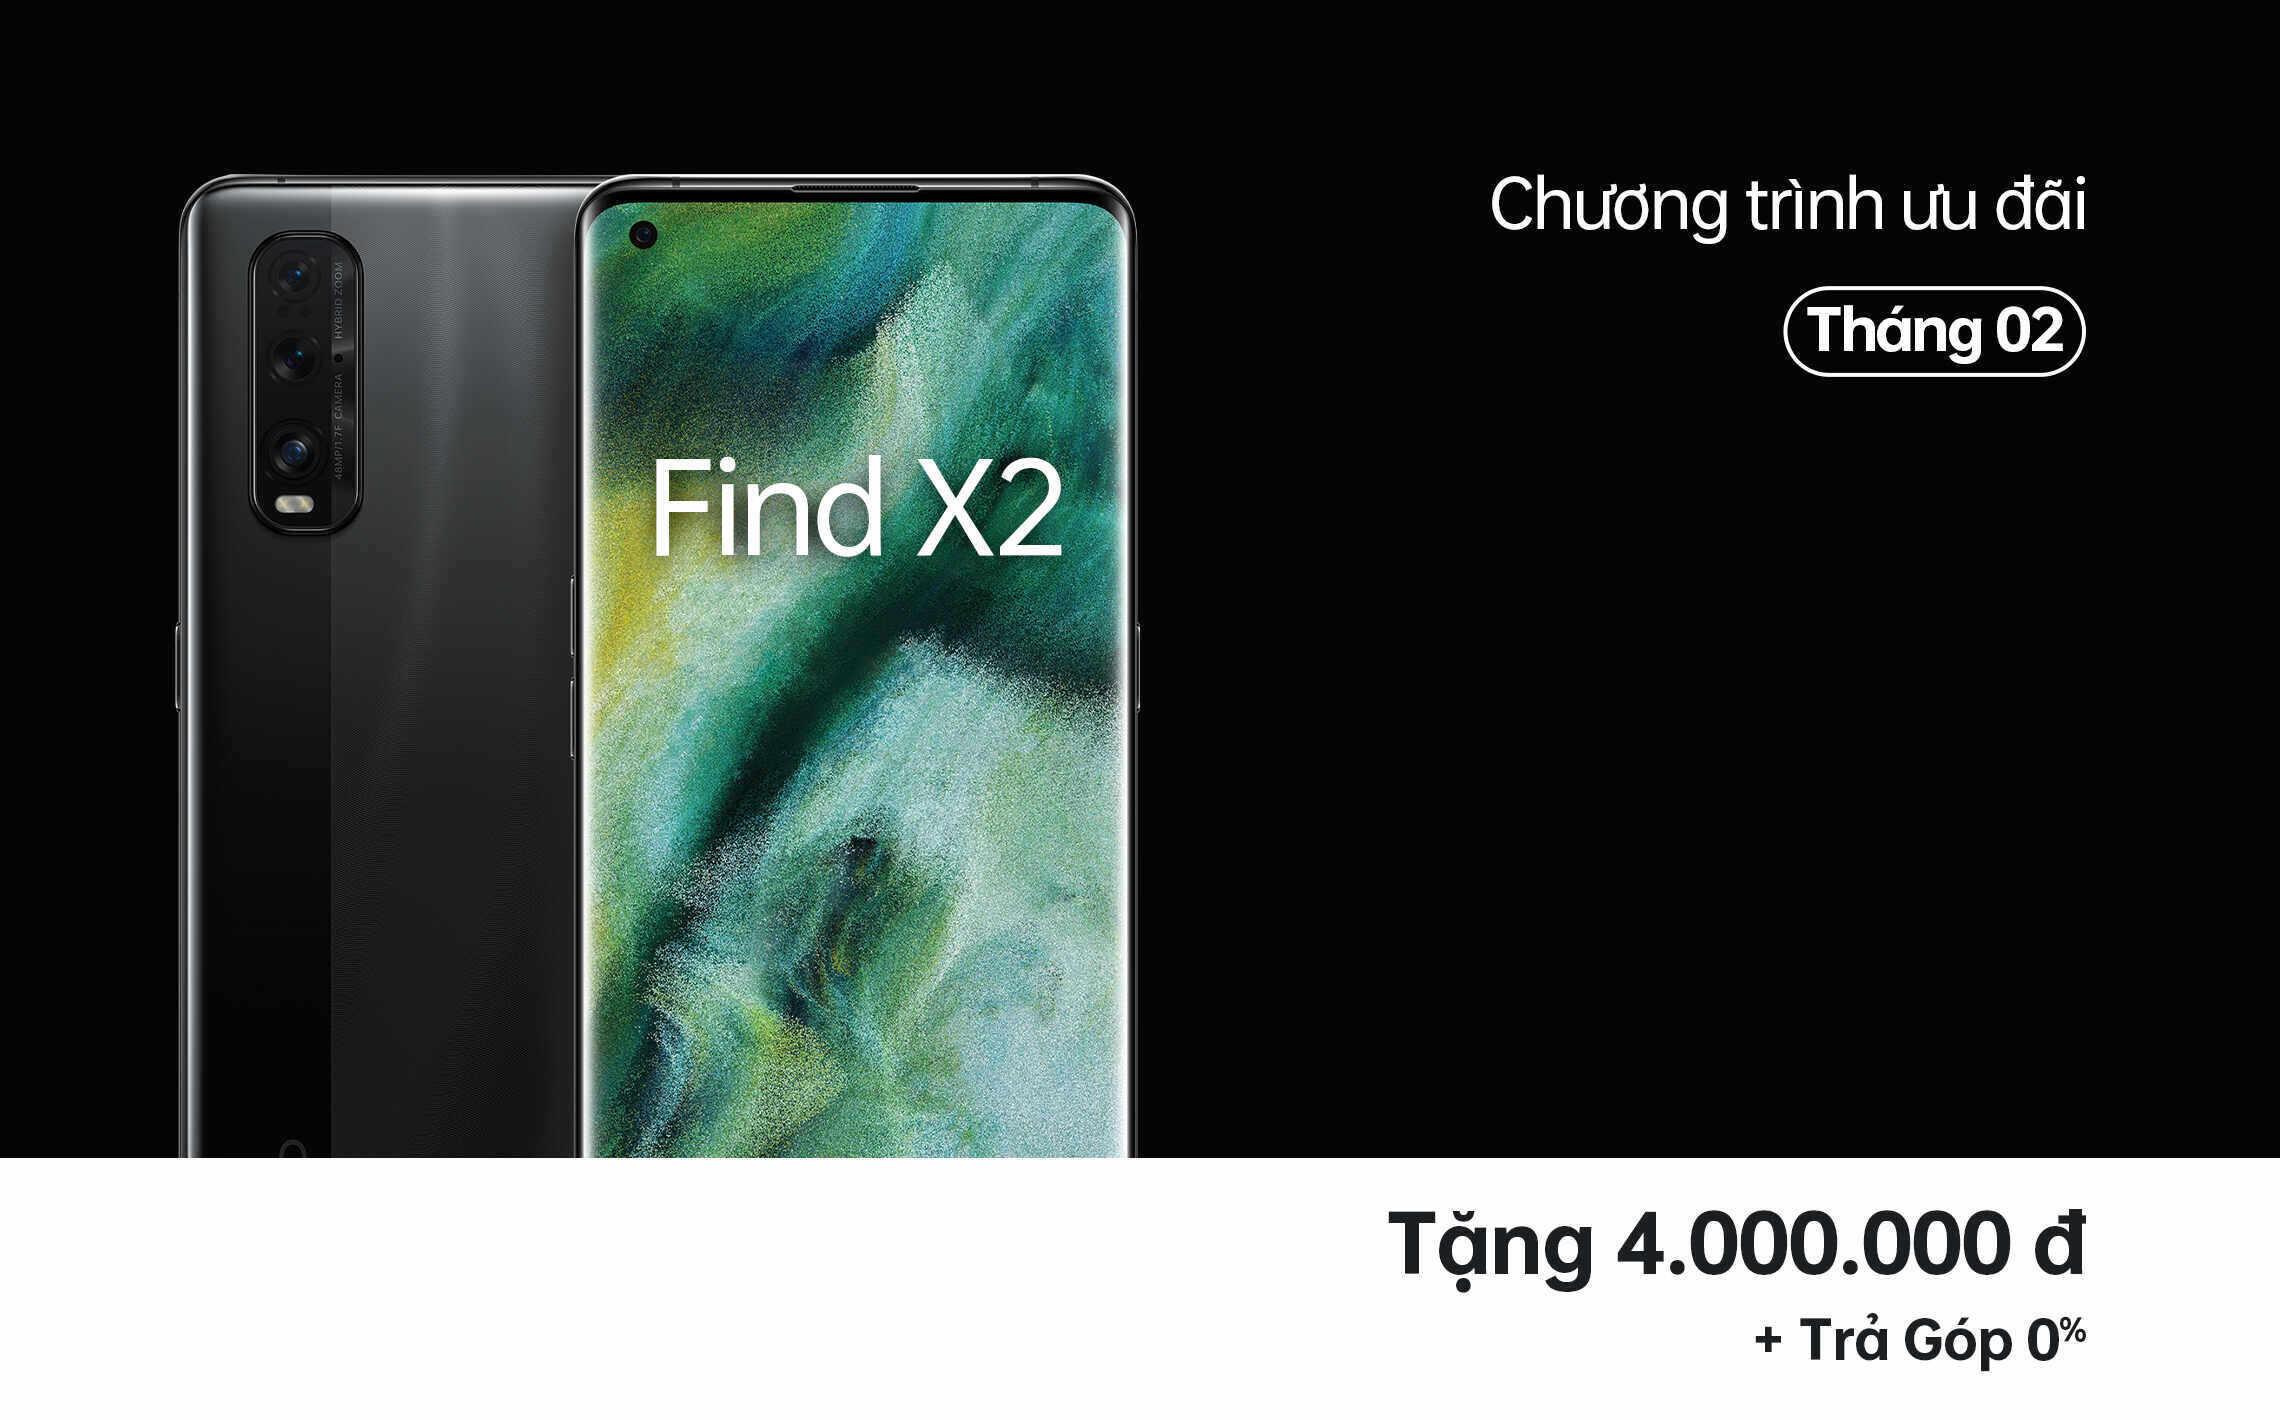 Find X2 Ưu Đãi